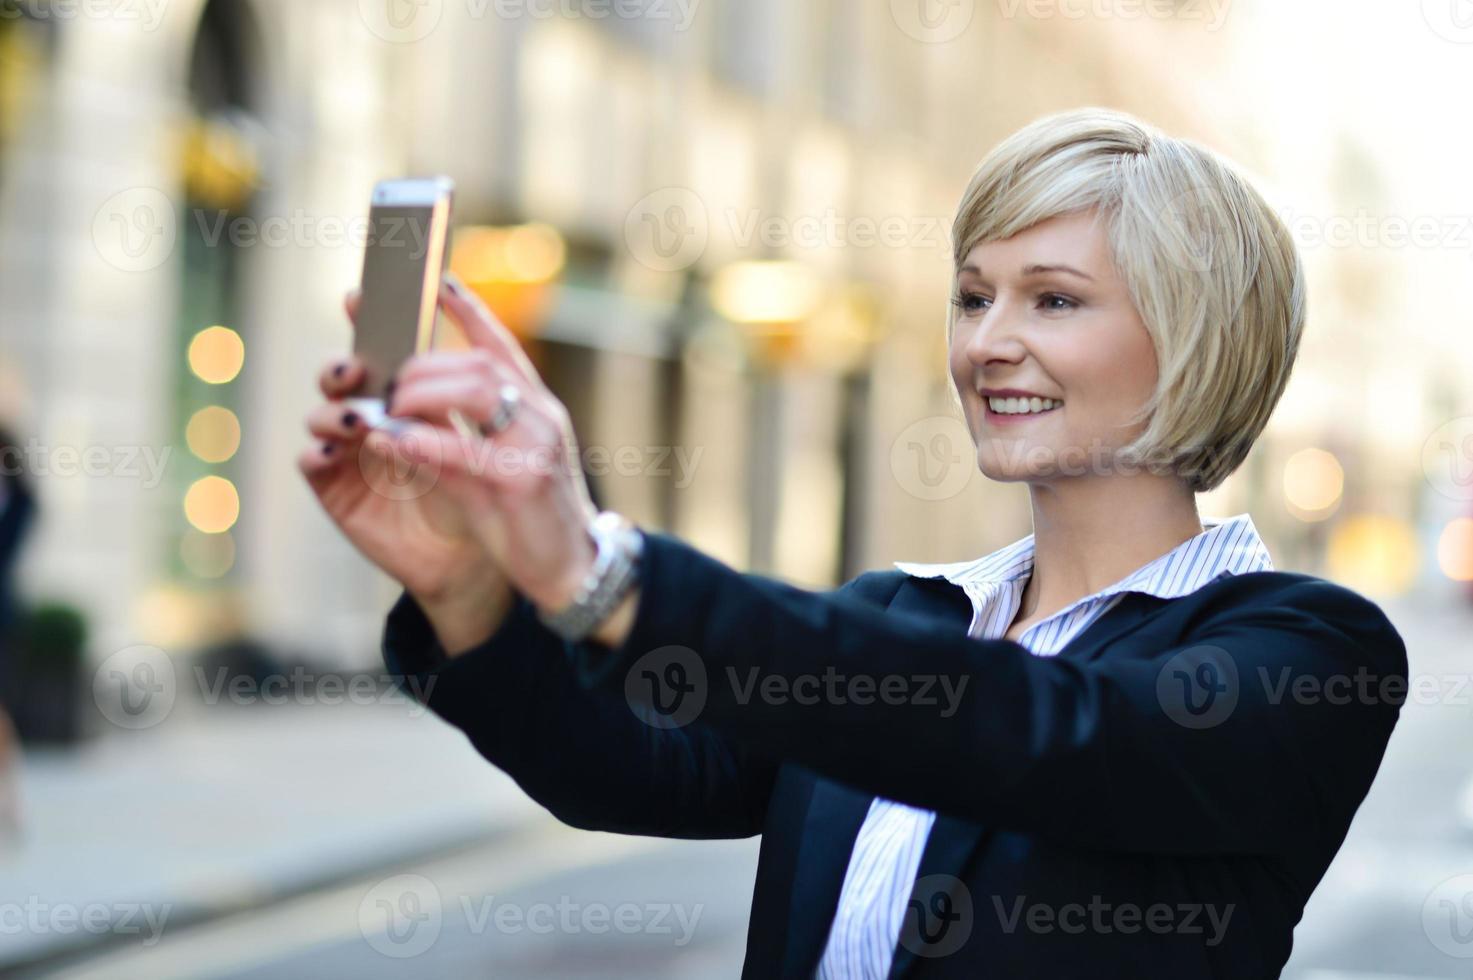 jolie pose capturant un self shot photo